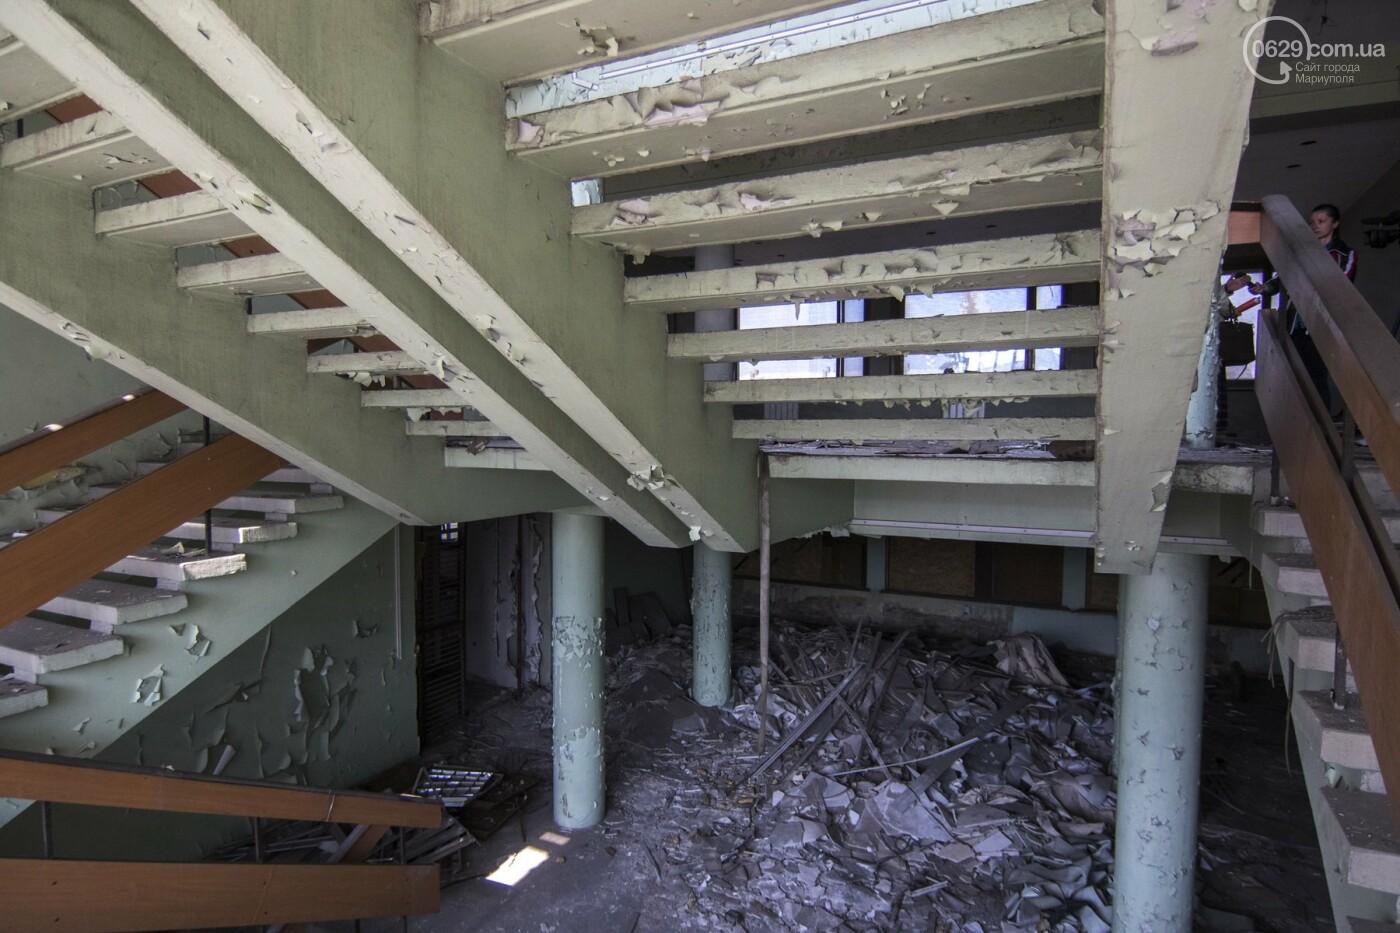 В Мариуполе не могут найти подрядчика для реконструкции сгоревшего горсовета, - ФОТО, фото-5